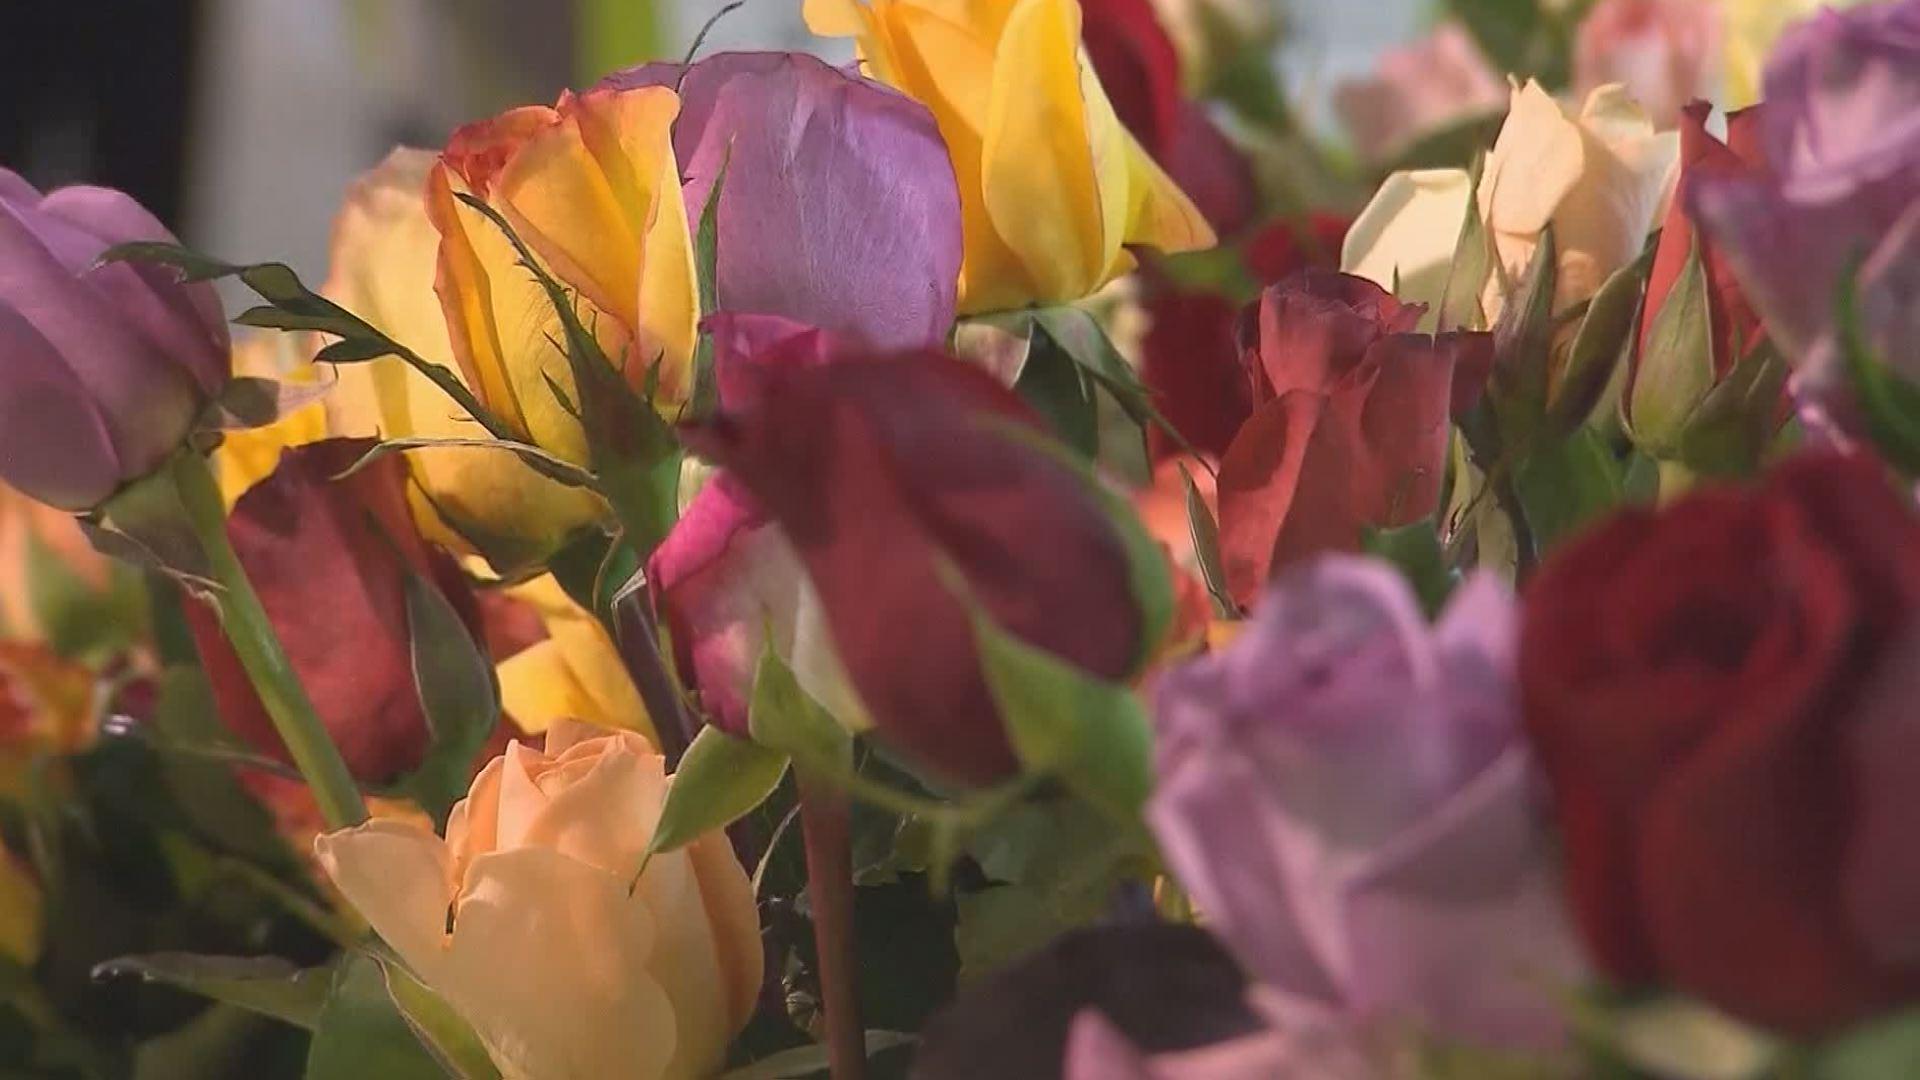 flowers_1526038178984.jpg